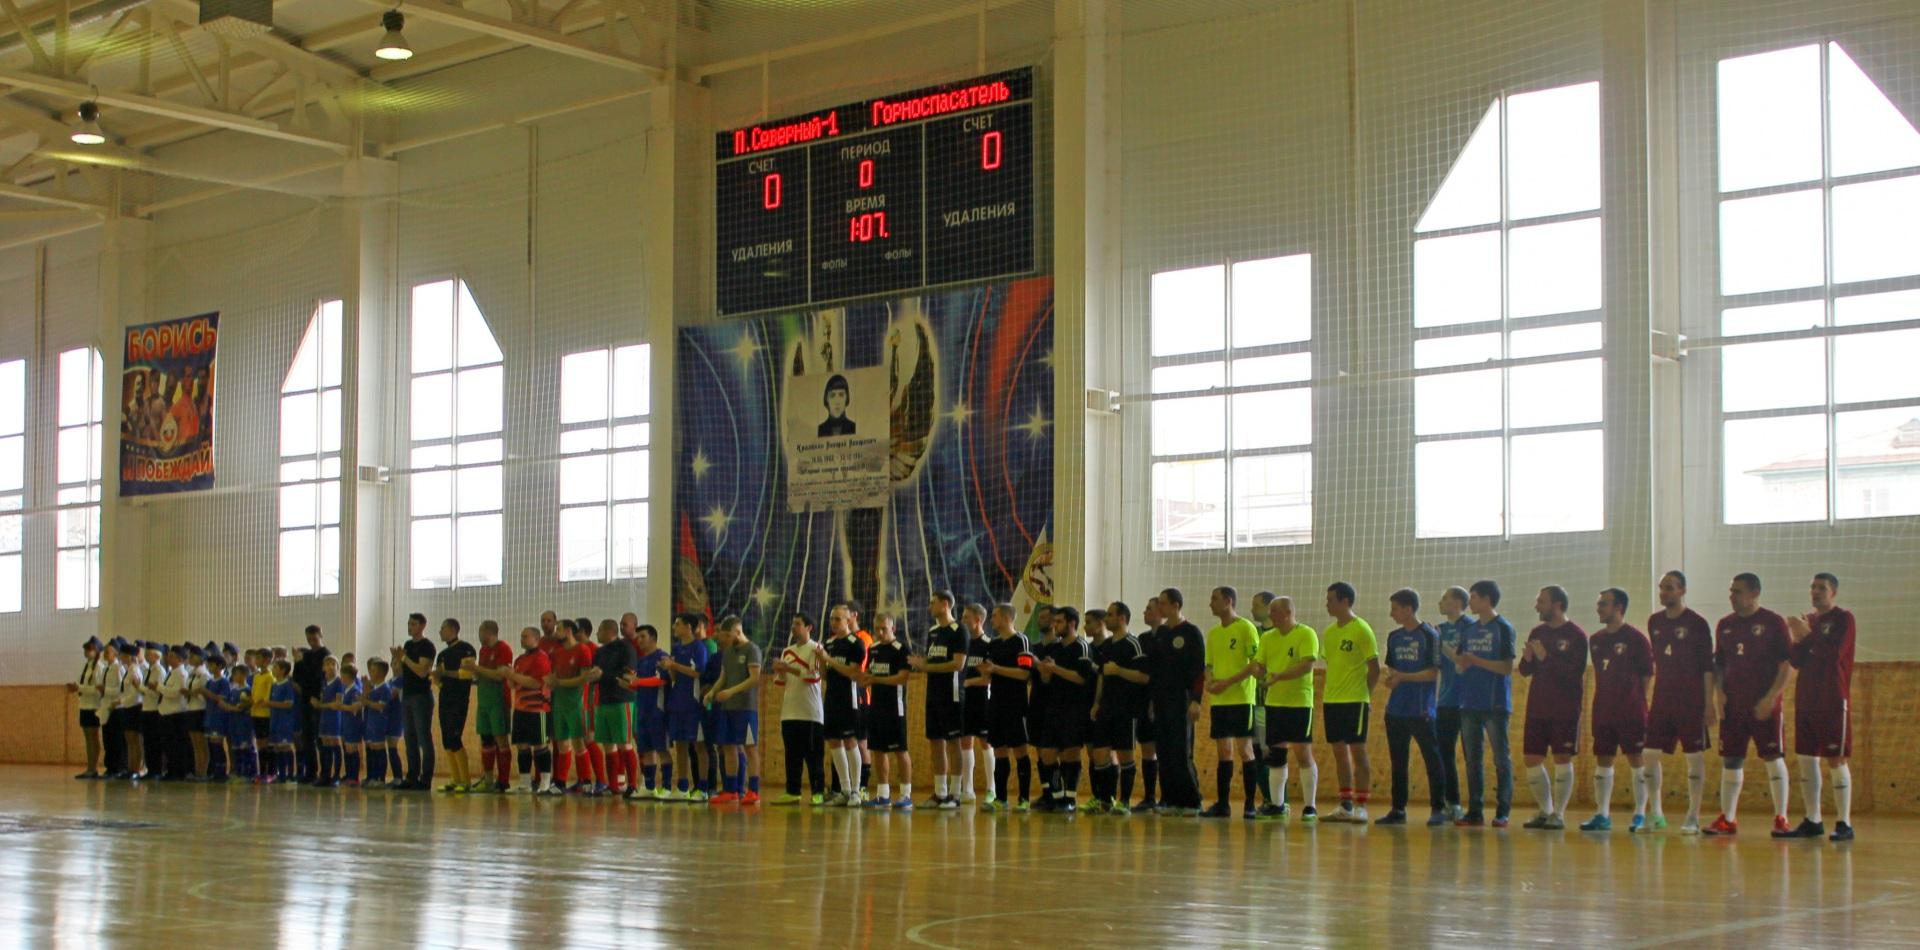 В Воркуте стартовал турнир по мини-футболу памяти воина-интернационалиста Николая Красоткина